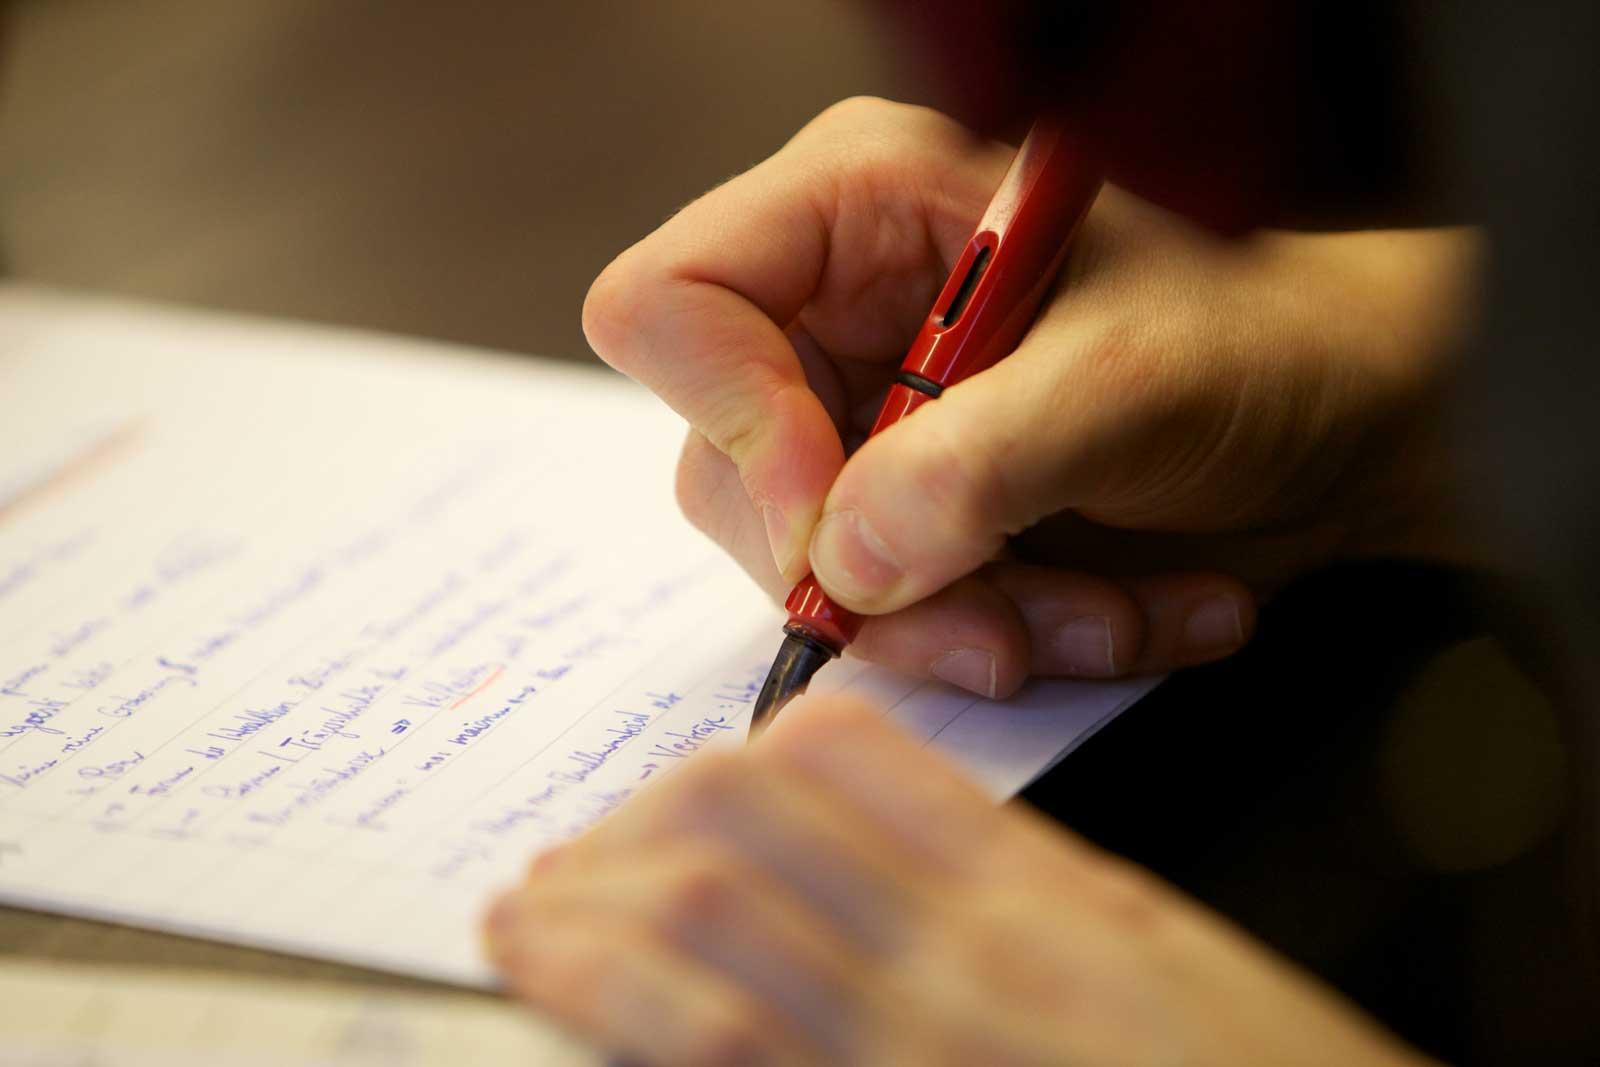 schreiben-small.jpg